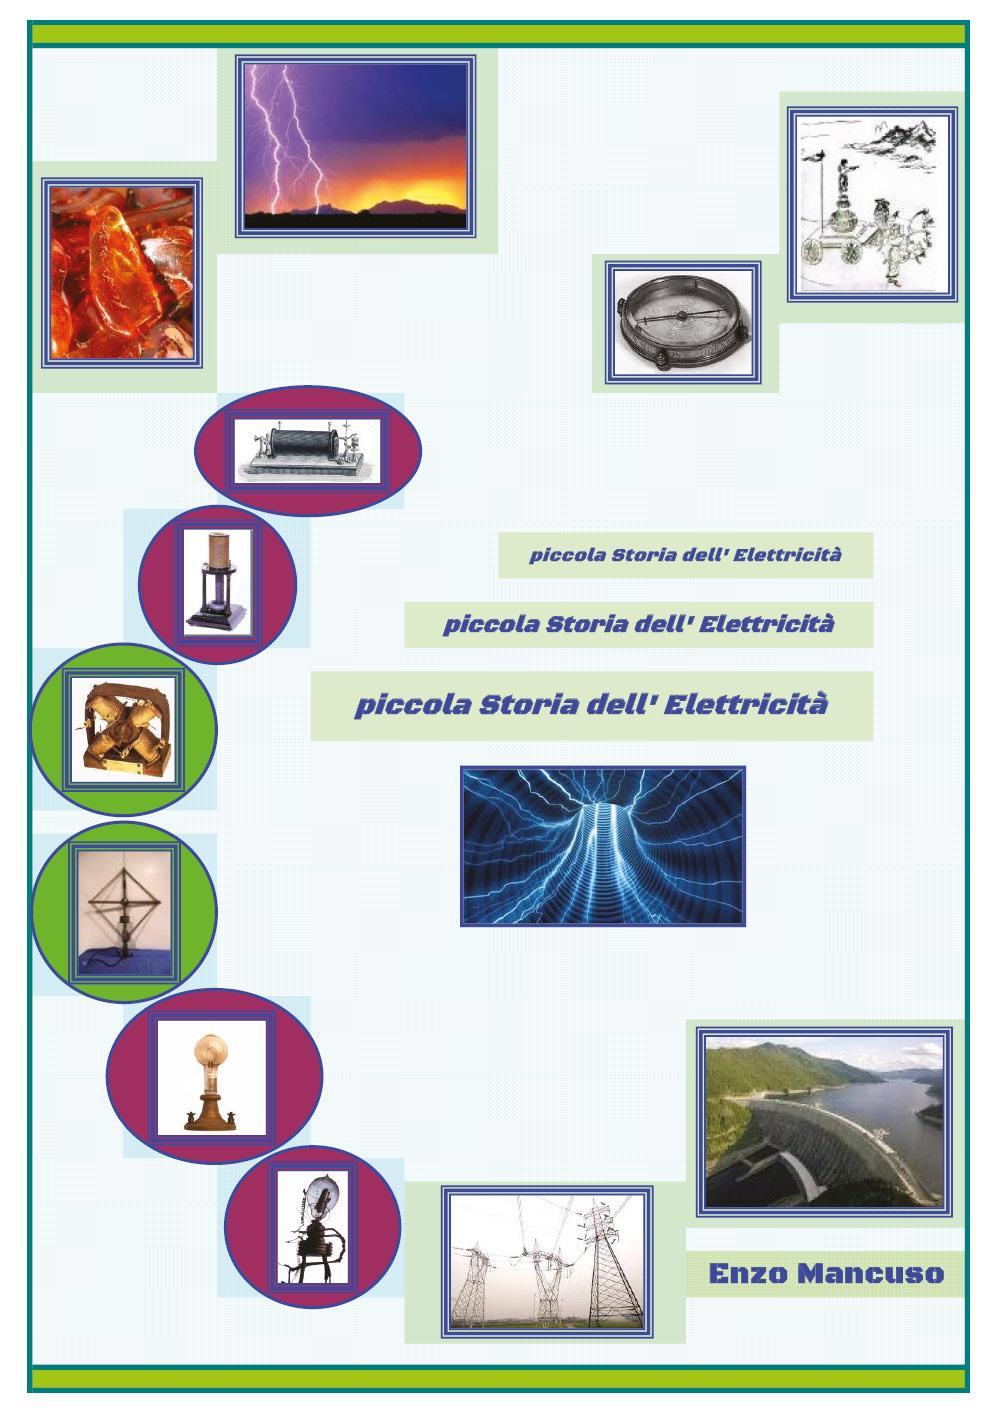 Piccola Storia dell'Elettricità